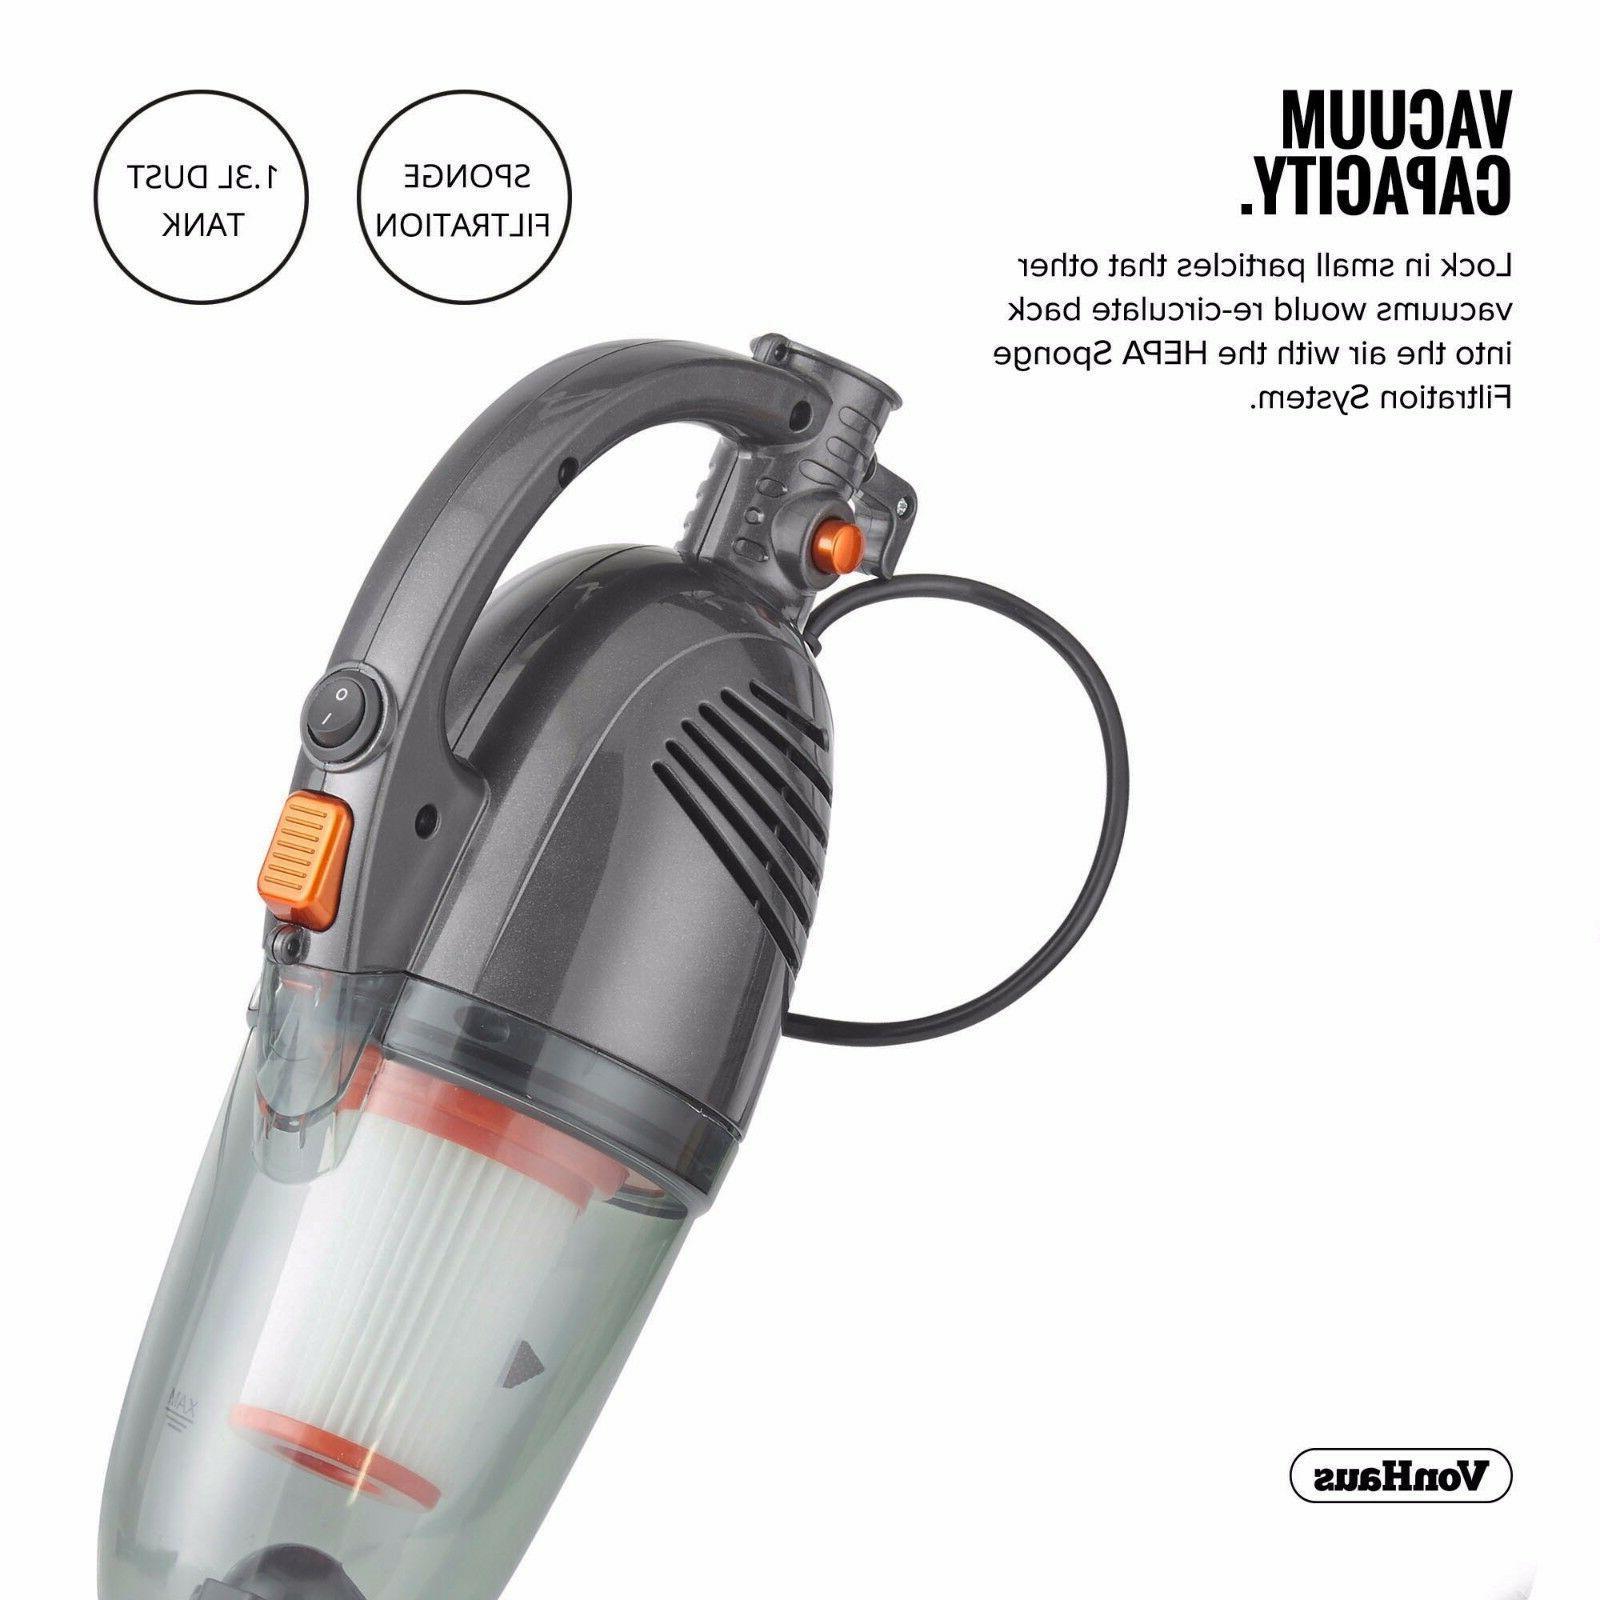 VonHaus in Corded Handheld Cleaner Lightweight